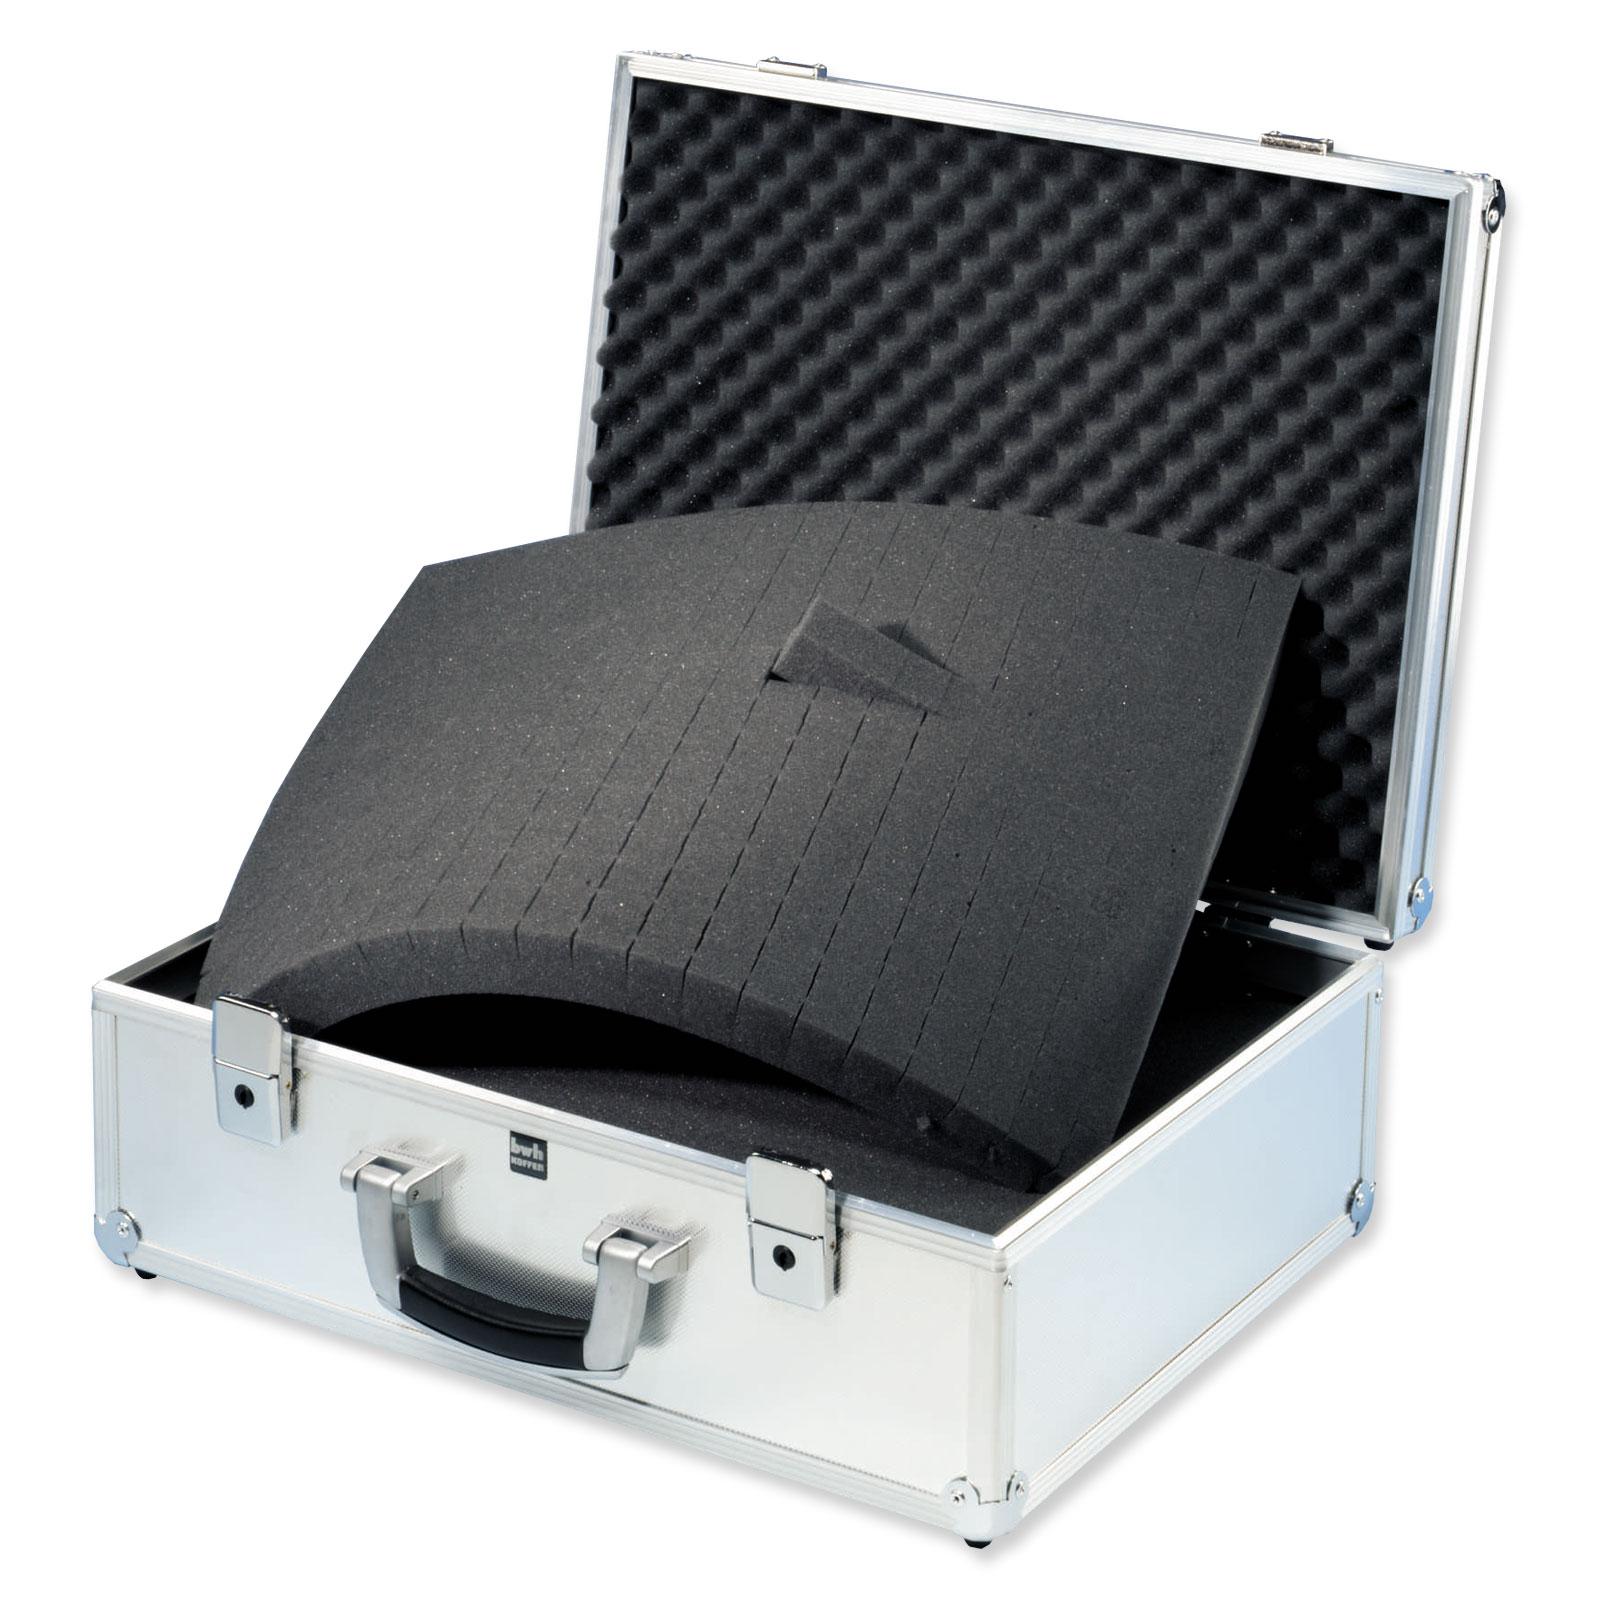 bwh koffer schaumstoffeinsatz f r alu rahmenkoffer ark g nstig kaufen koffermarkt. Black Bedroom Furniture Sets. Home Design Ideas